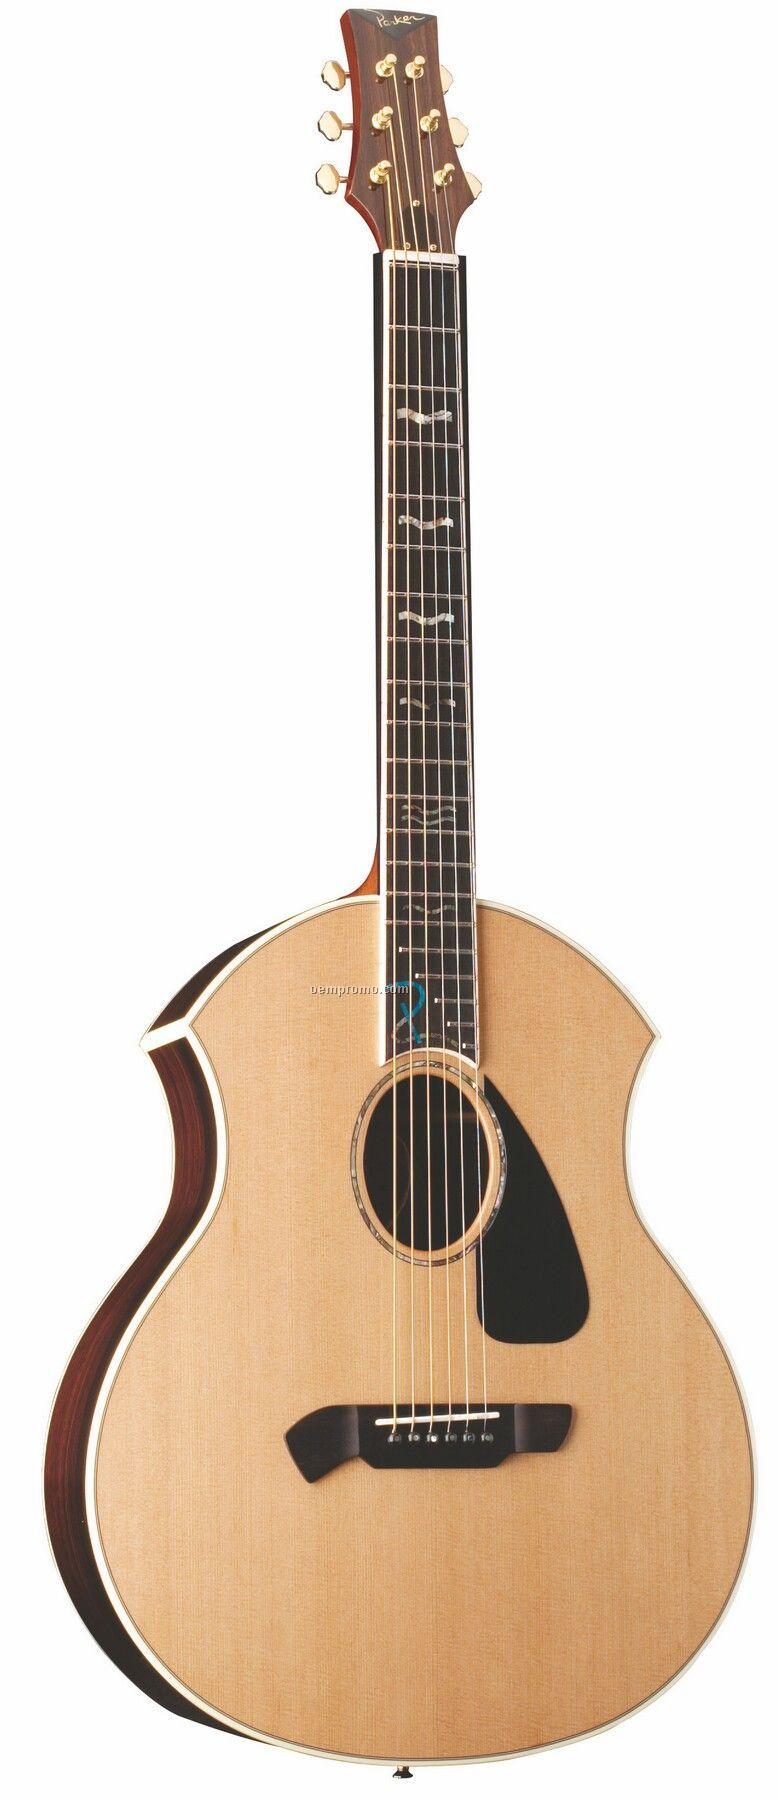 Parker Intrique Acoustic Guitar